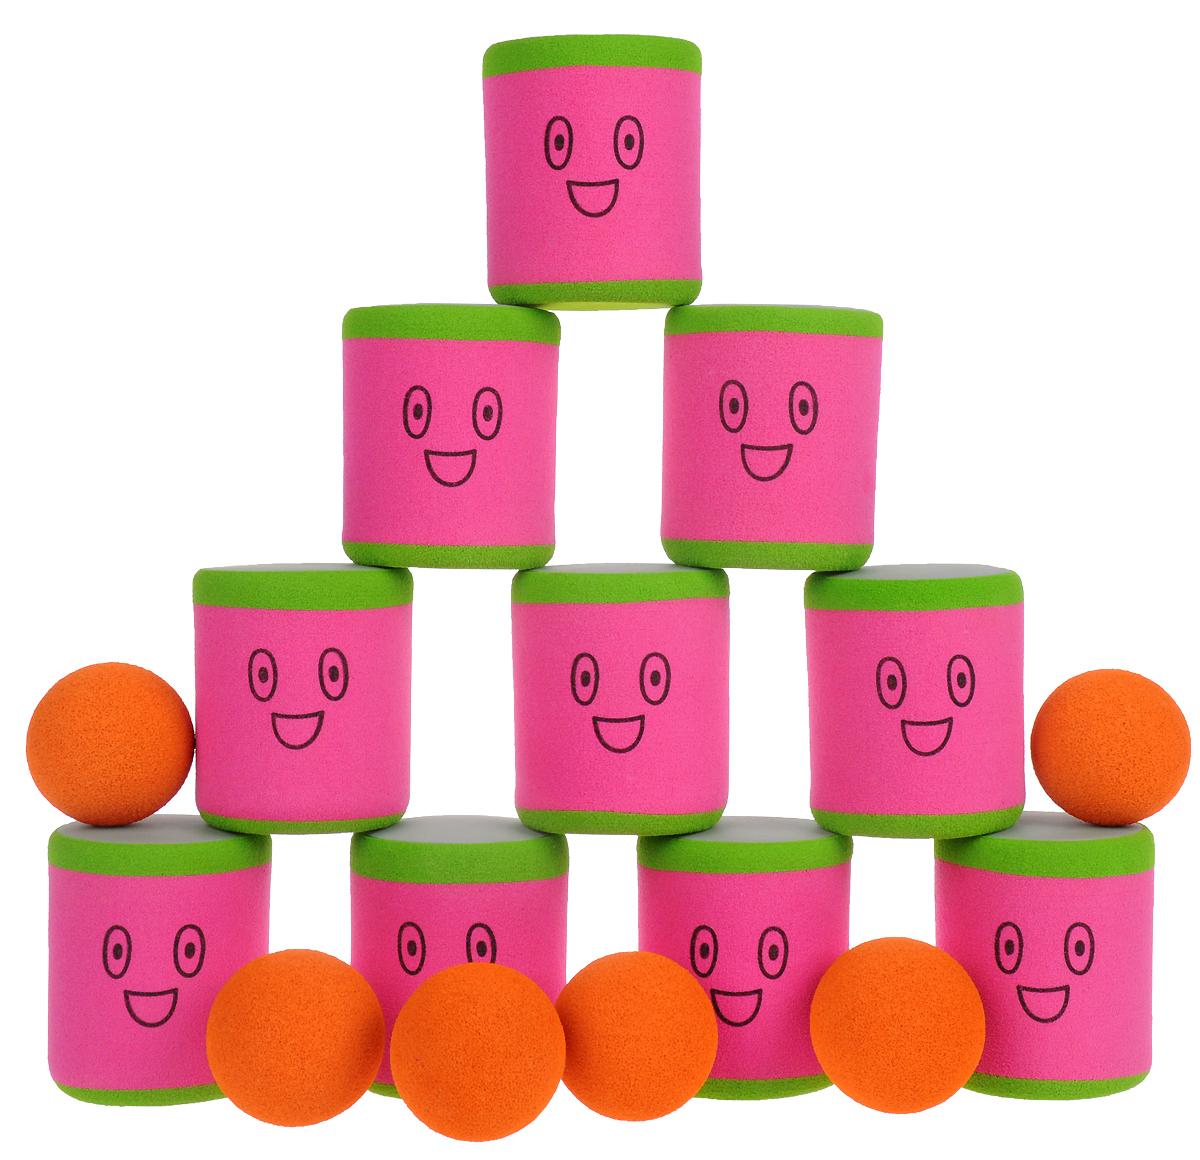 Safsof Игровой набор Городки цвет розовый зеленый оранжевый